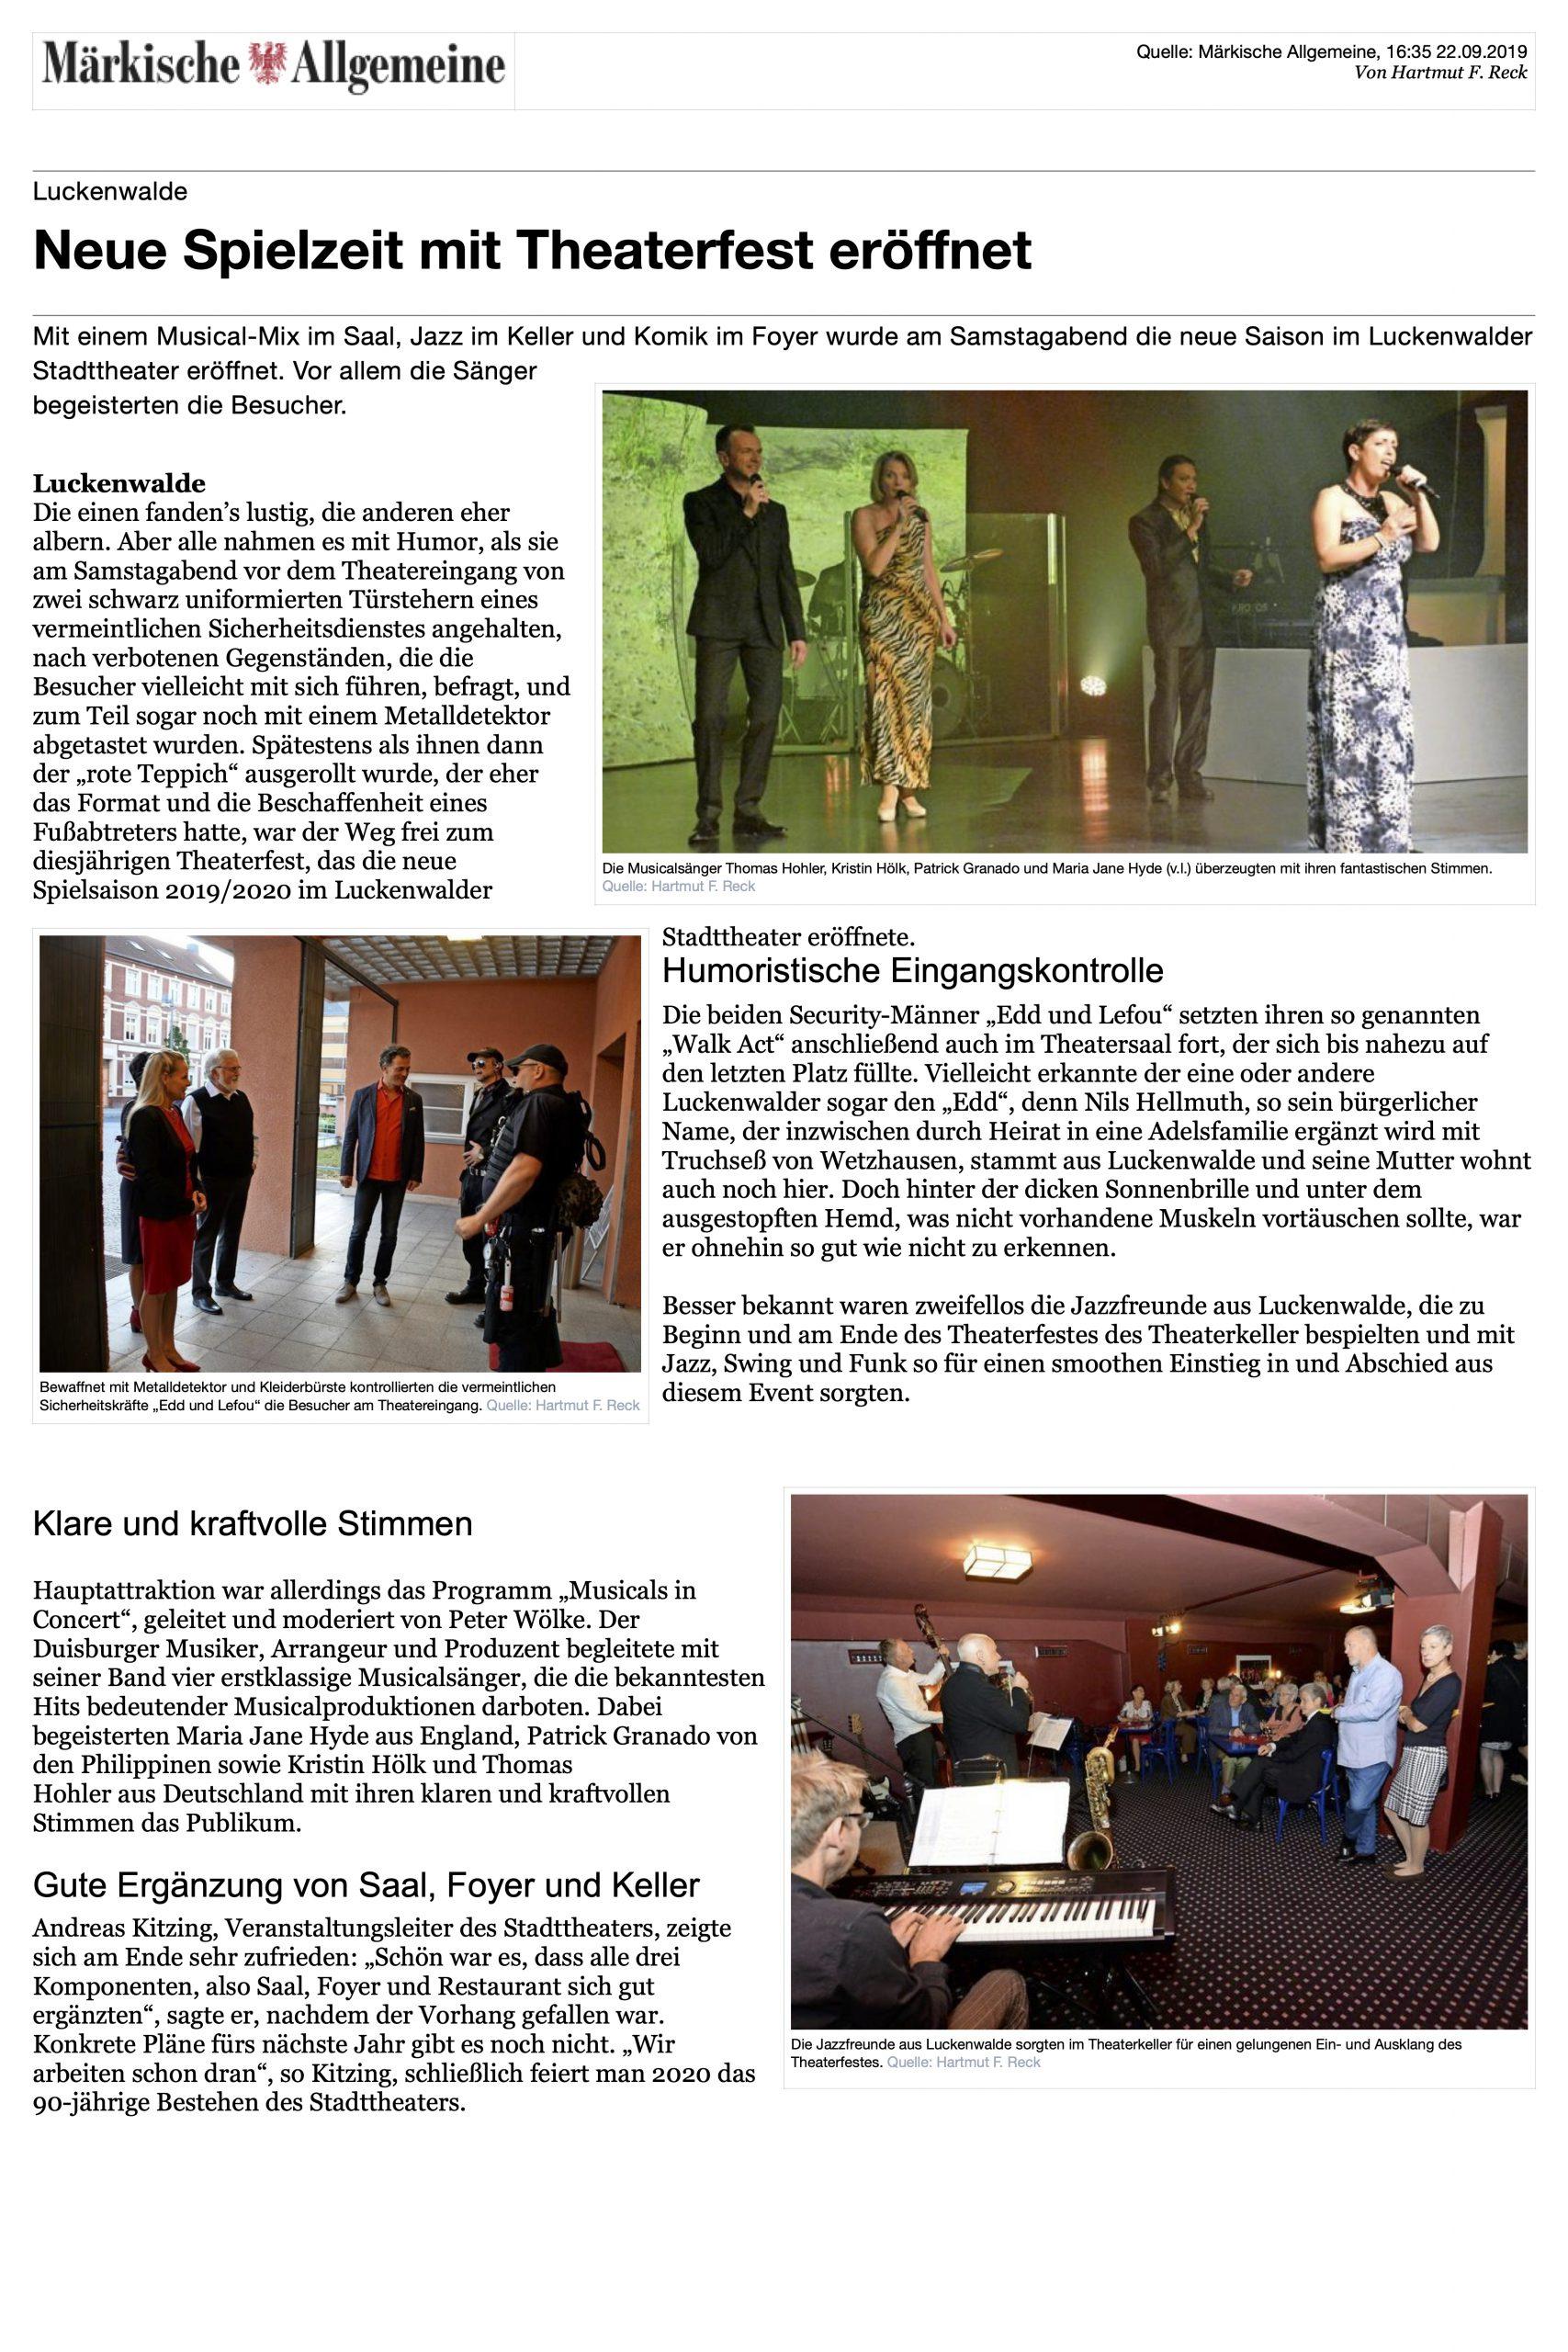 Neue Spielzeit mit Theaterfest eröffnet